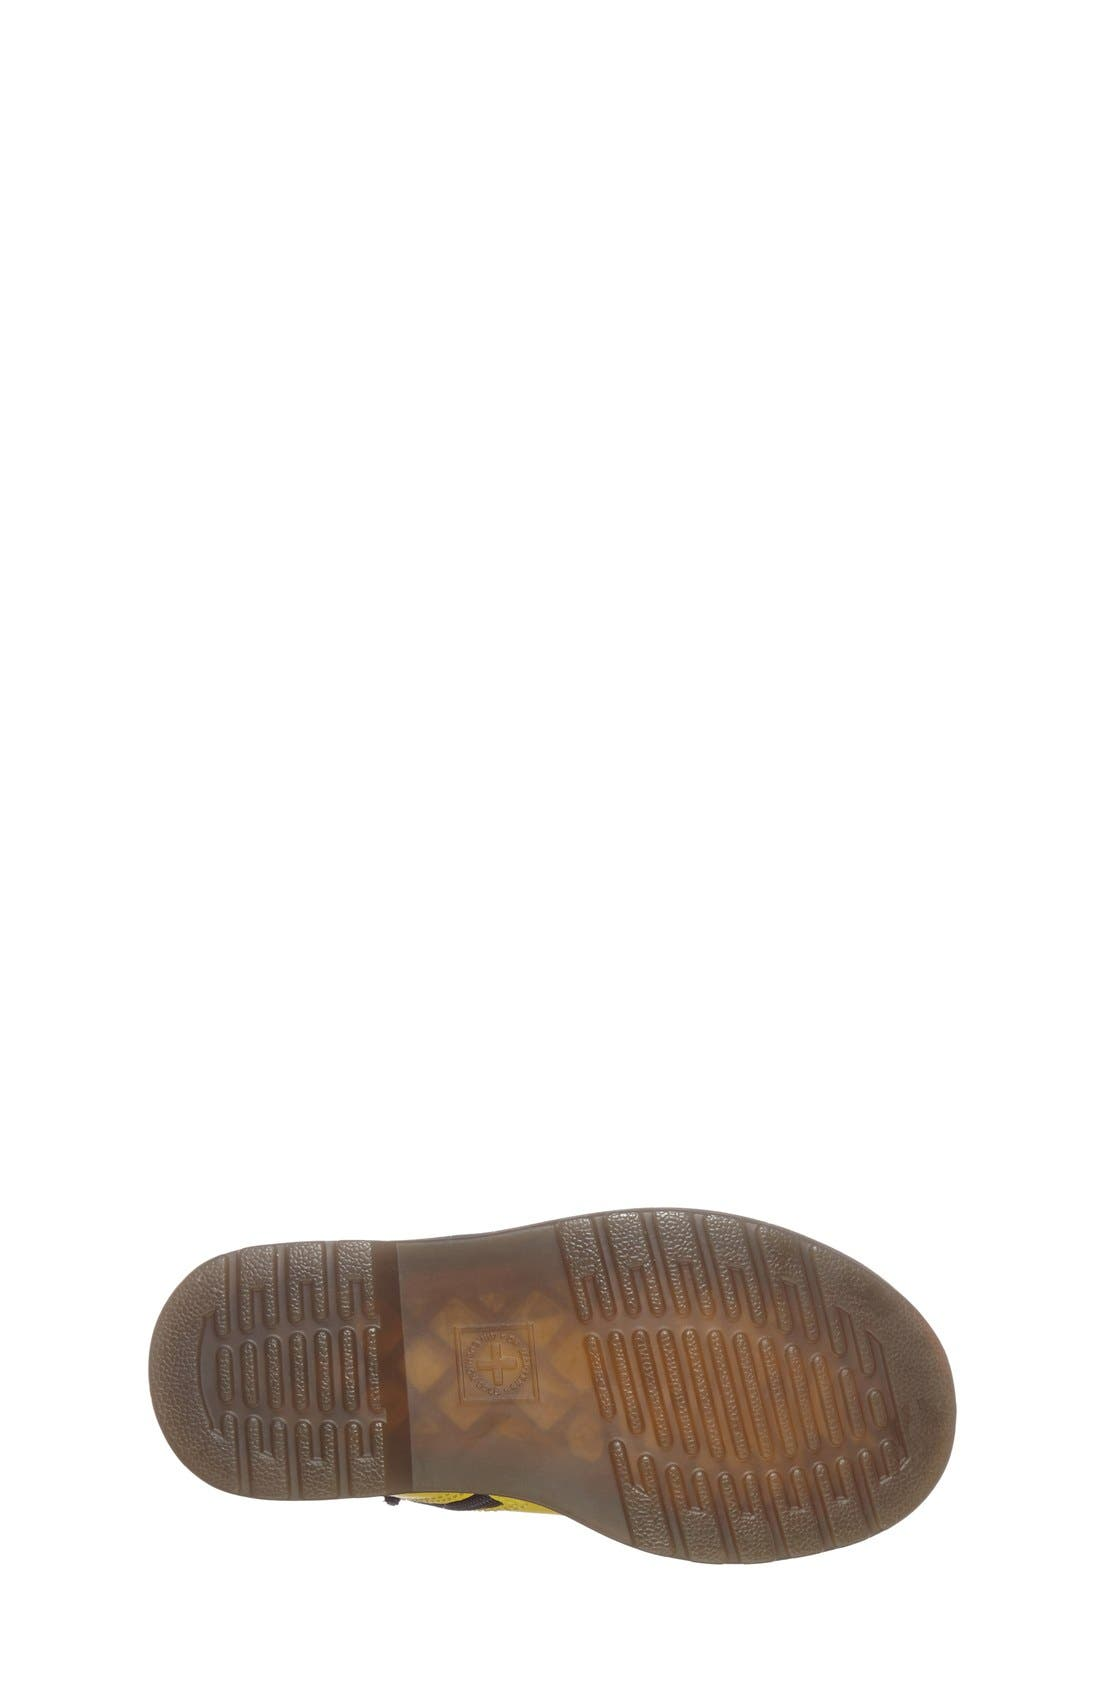 Alternate Image 2  - Dr. Martens 'Brooklee' Leather Boot (Walker & Toddler)